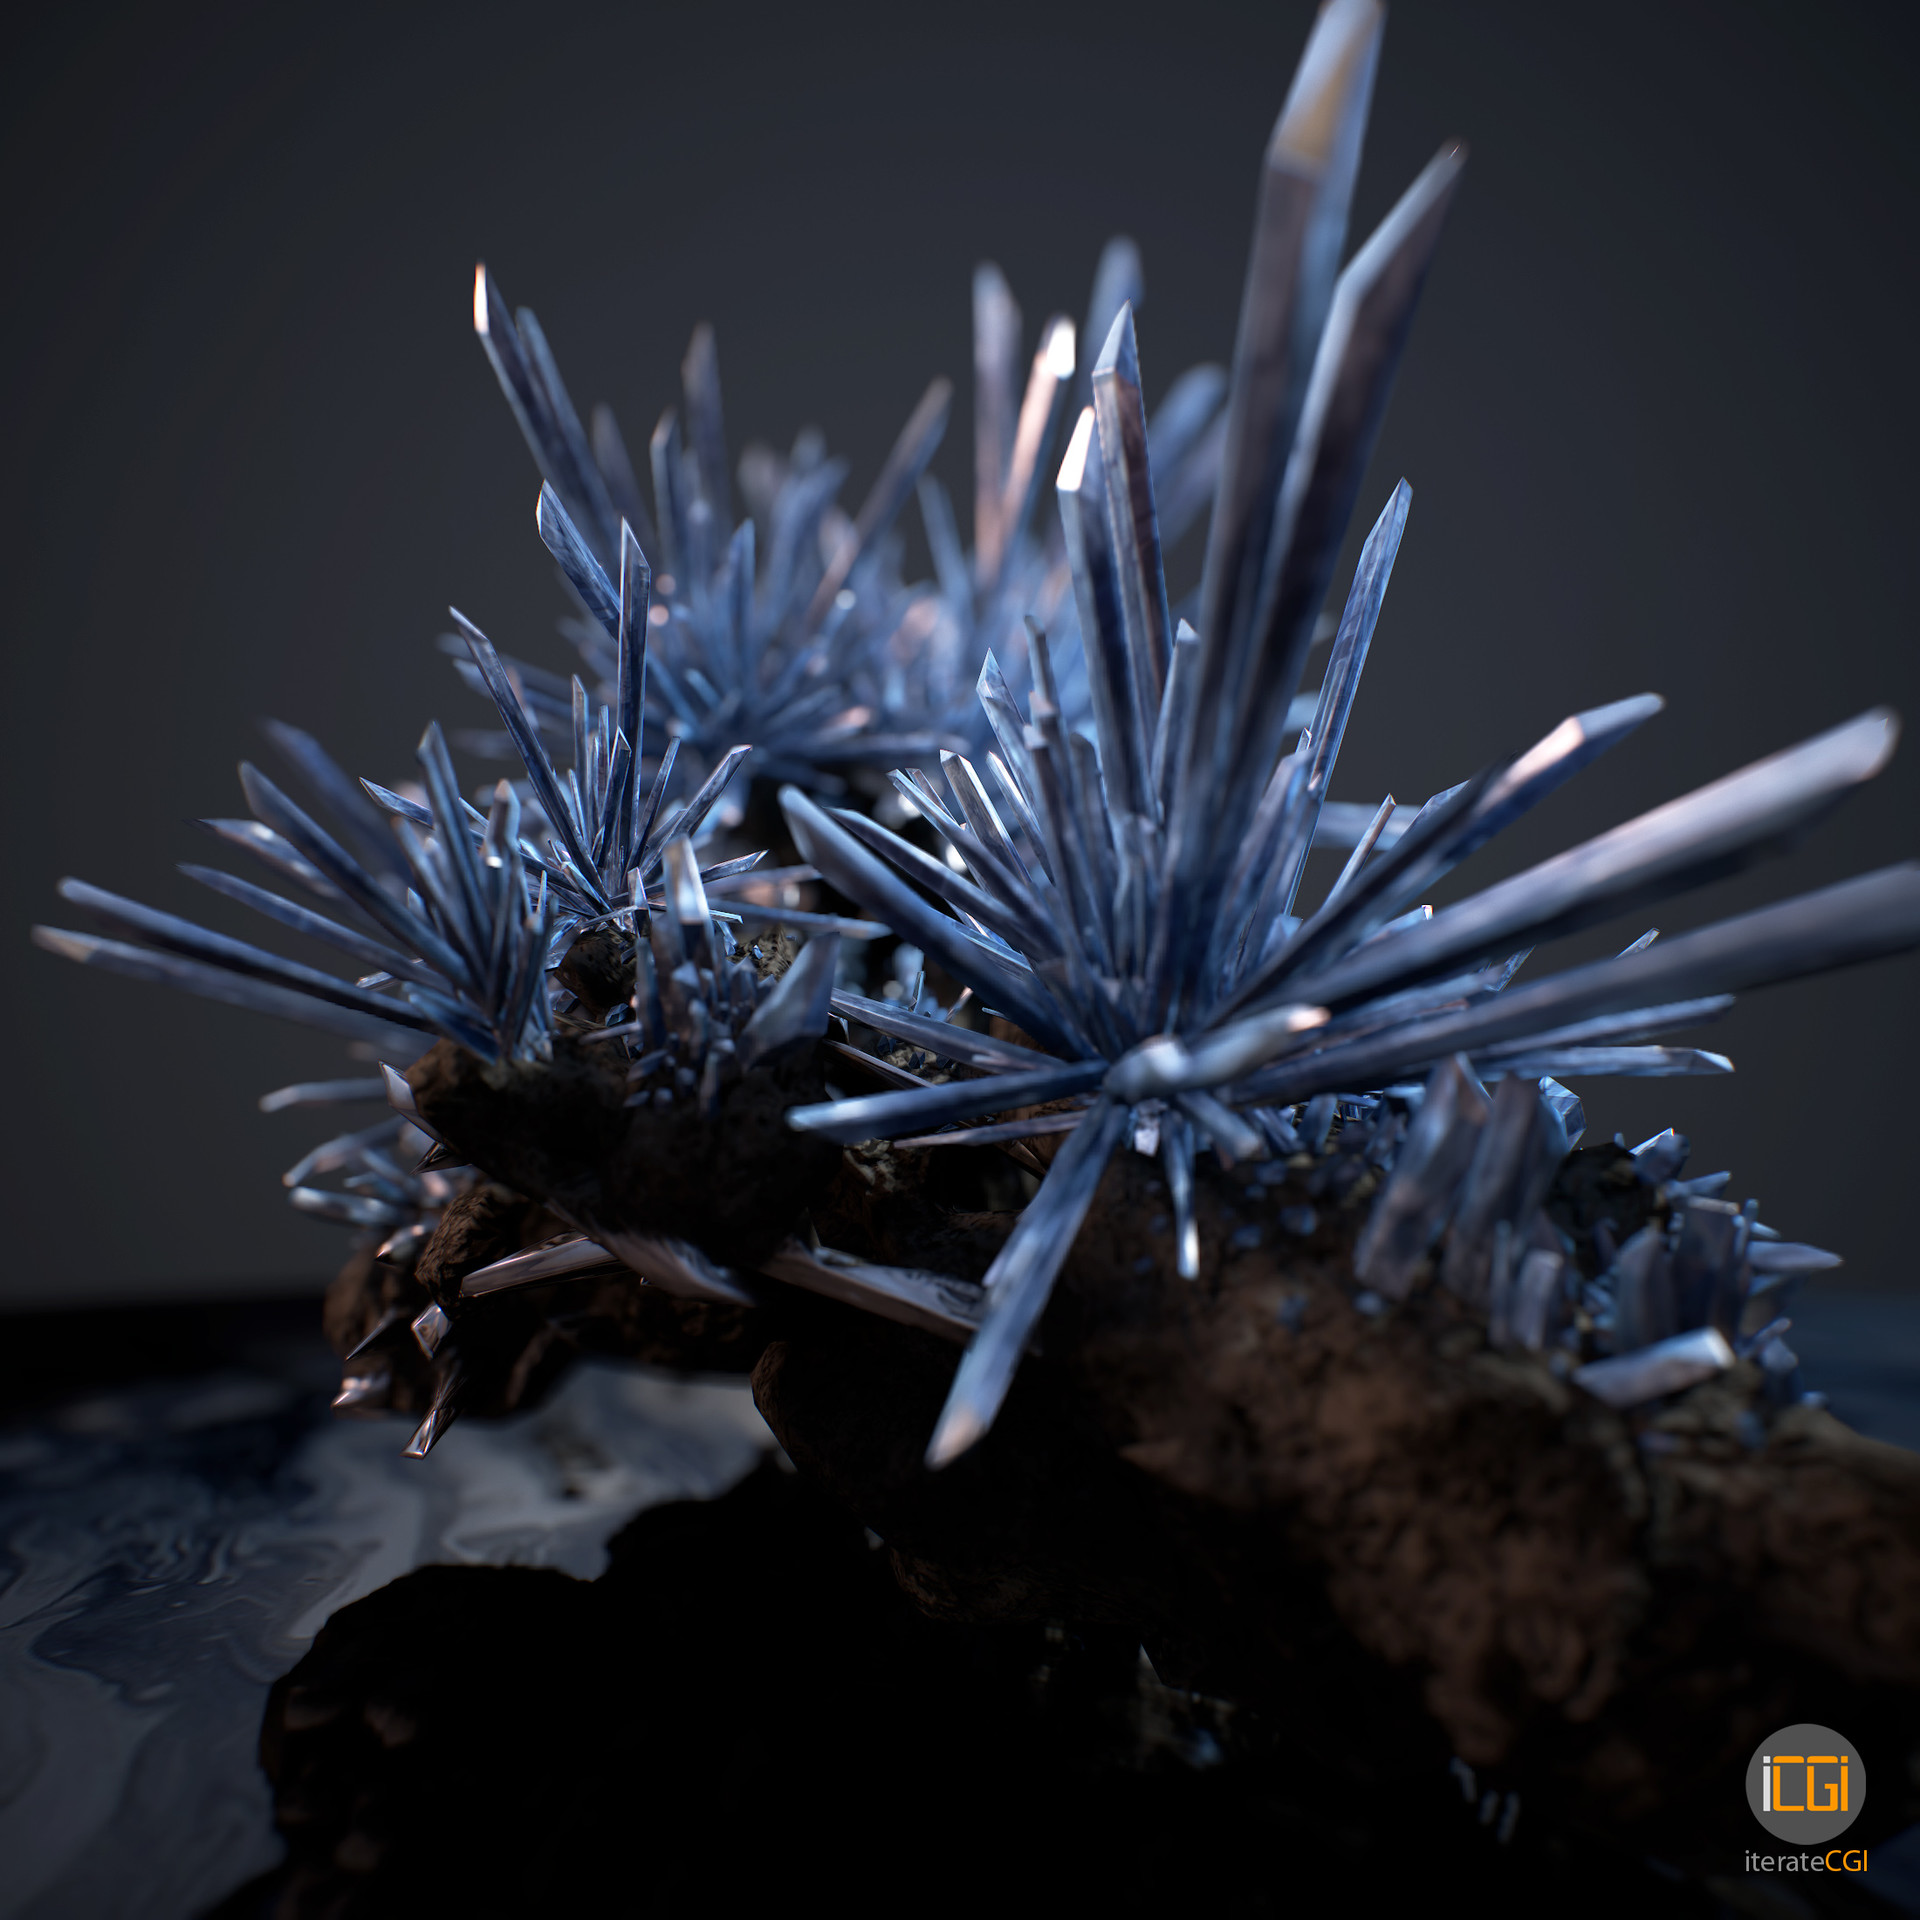 Johan de leenheer 3d cristals preview12